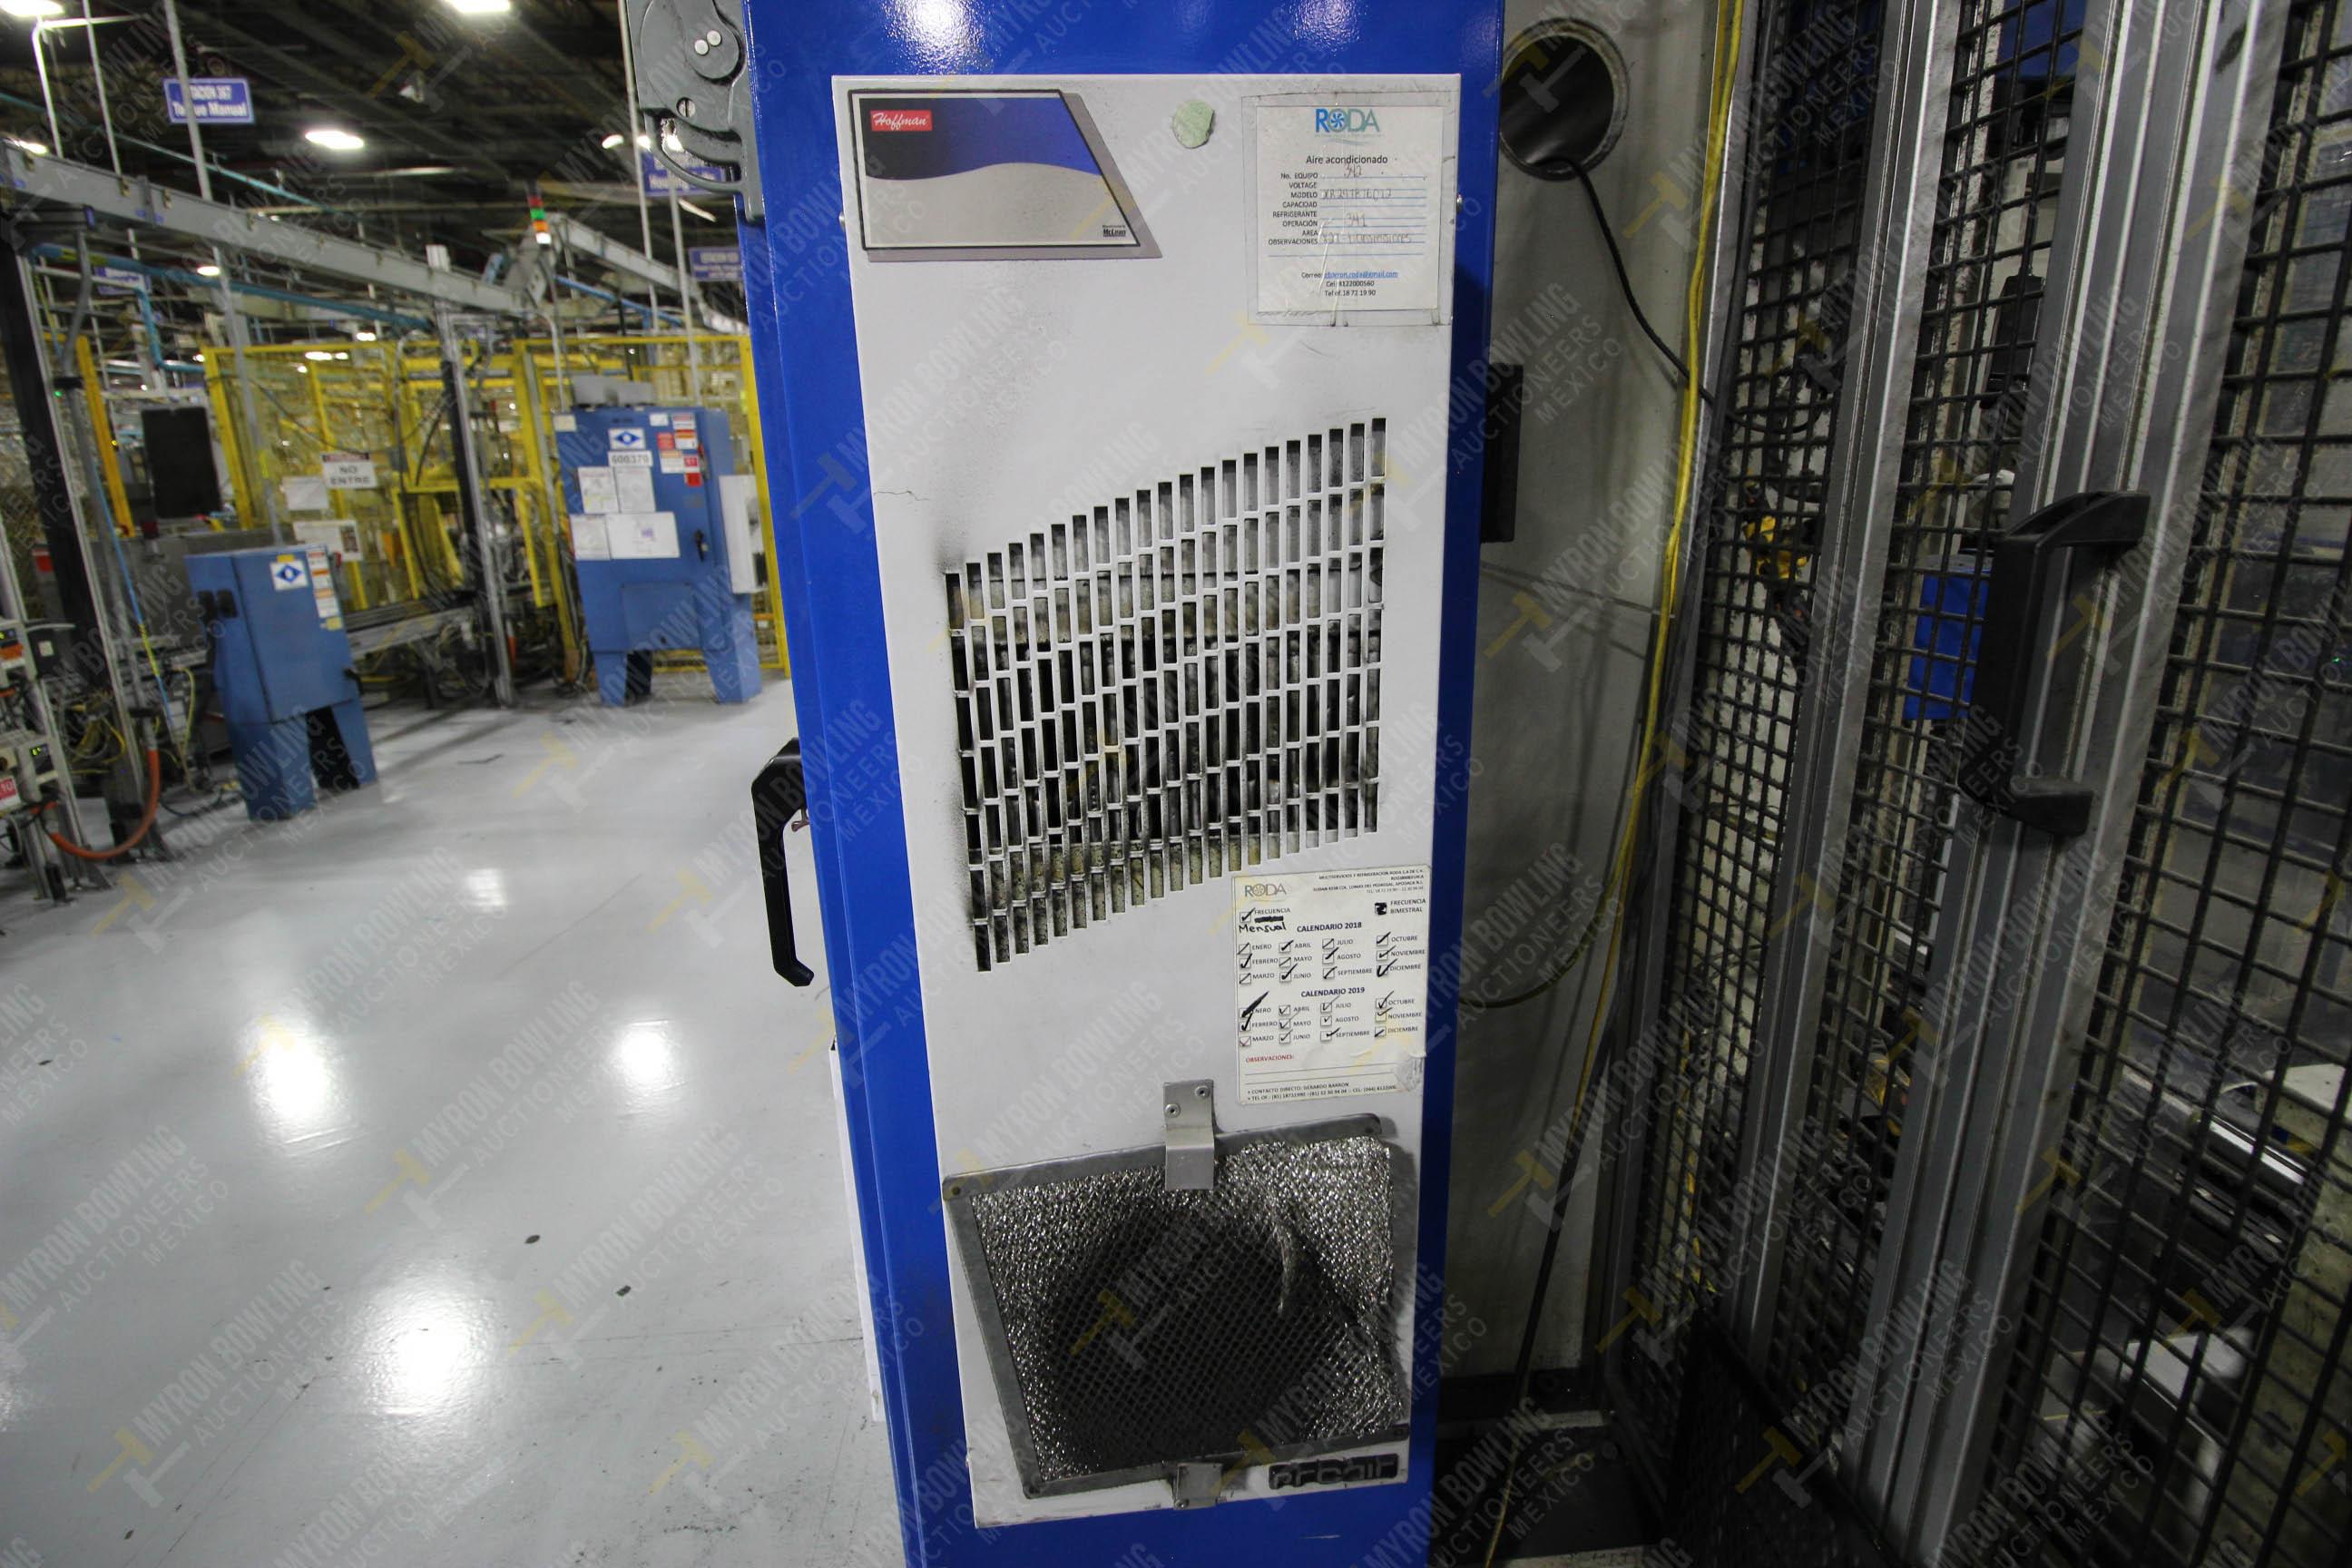 Estación semiautomática para operación 341, contiene: Prensa en estructura de placa de acero - Image 21 of 26